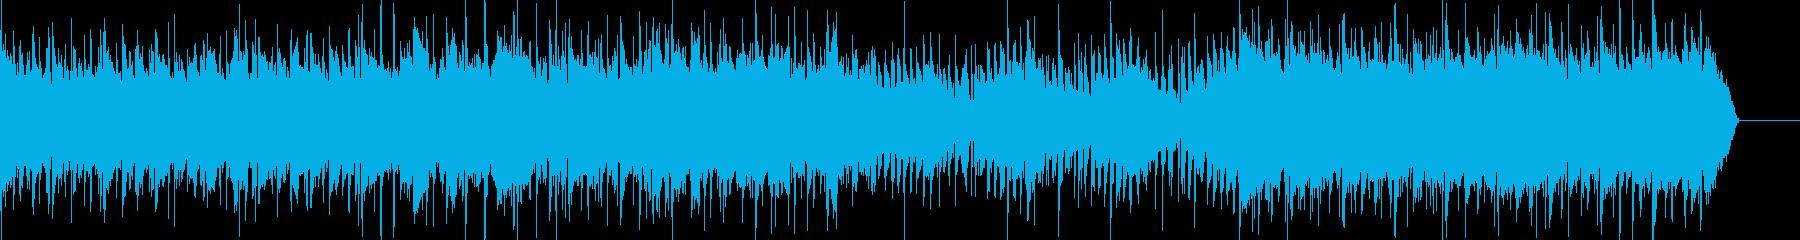 産業用のサウンドドラムとキーボード...の再生済みの波形